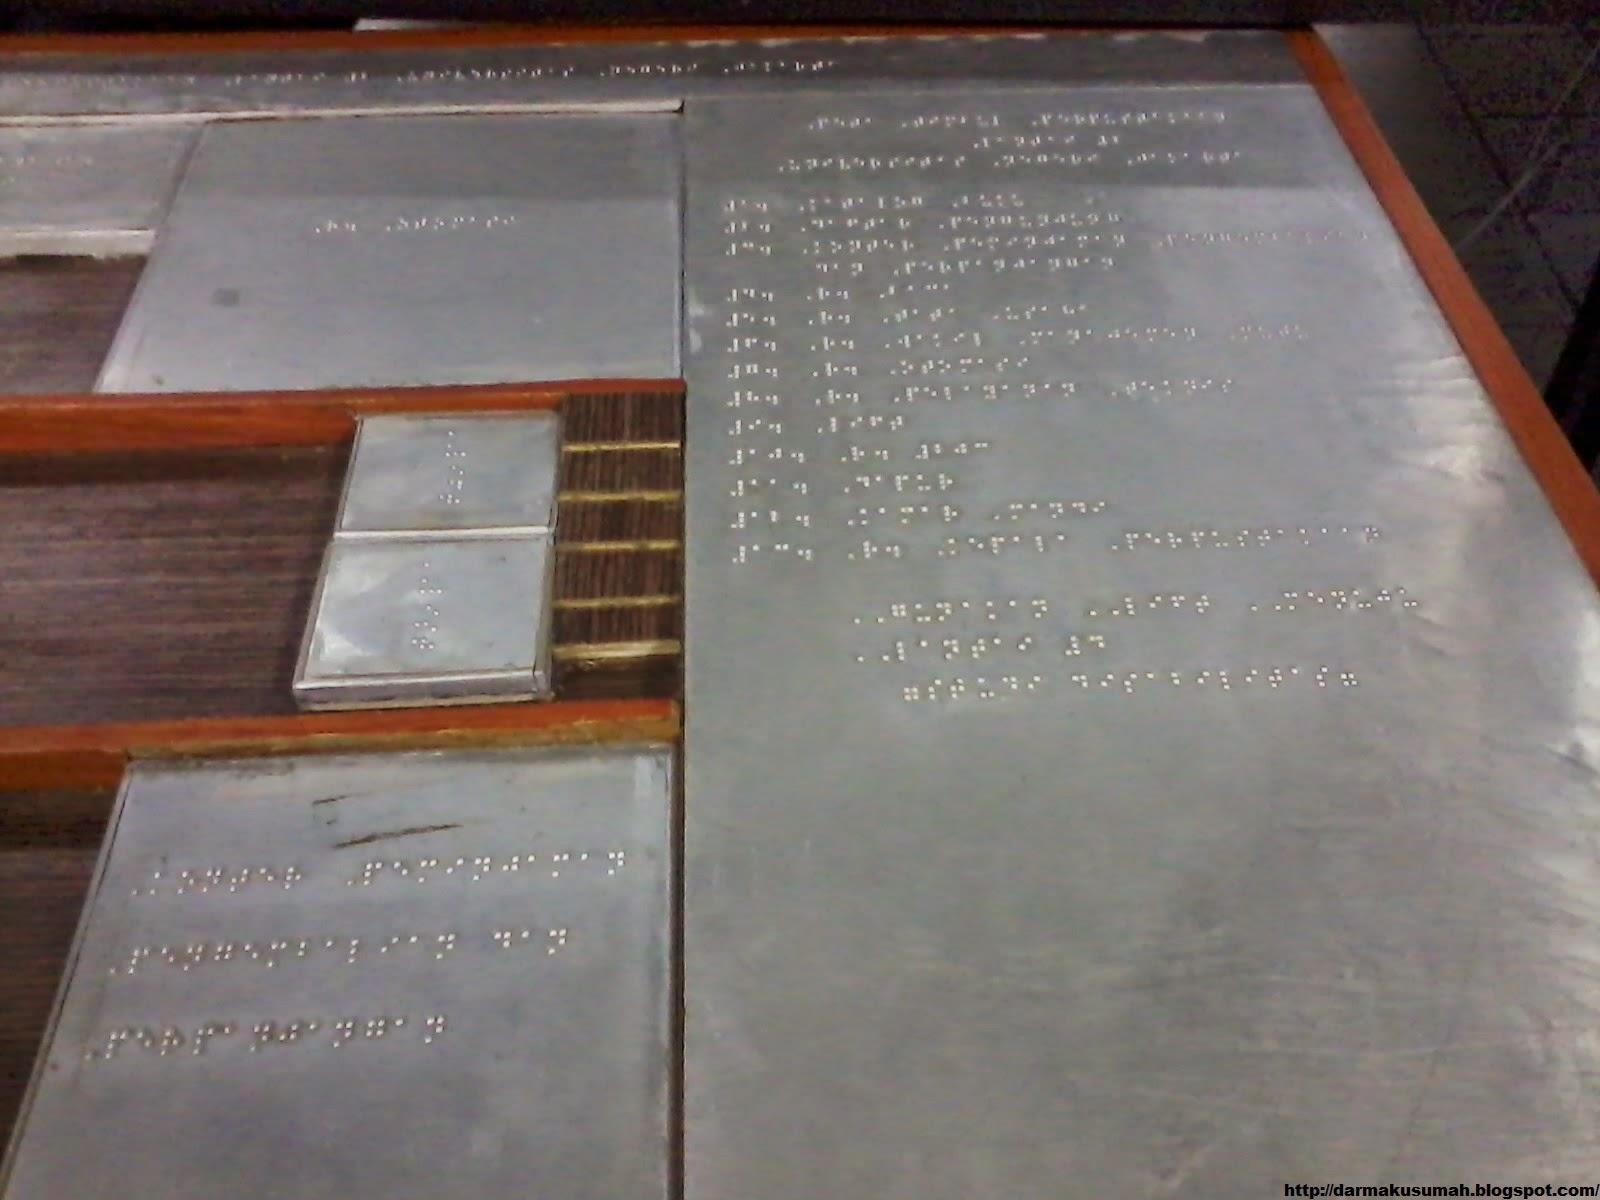 Peta Timbum Perpustakaan UNJ tampak atas